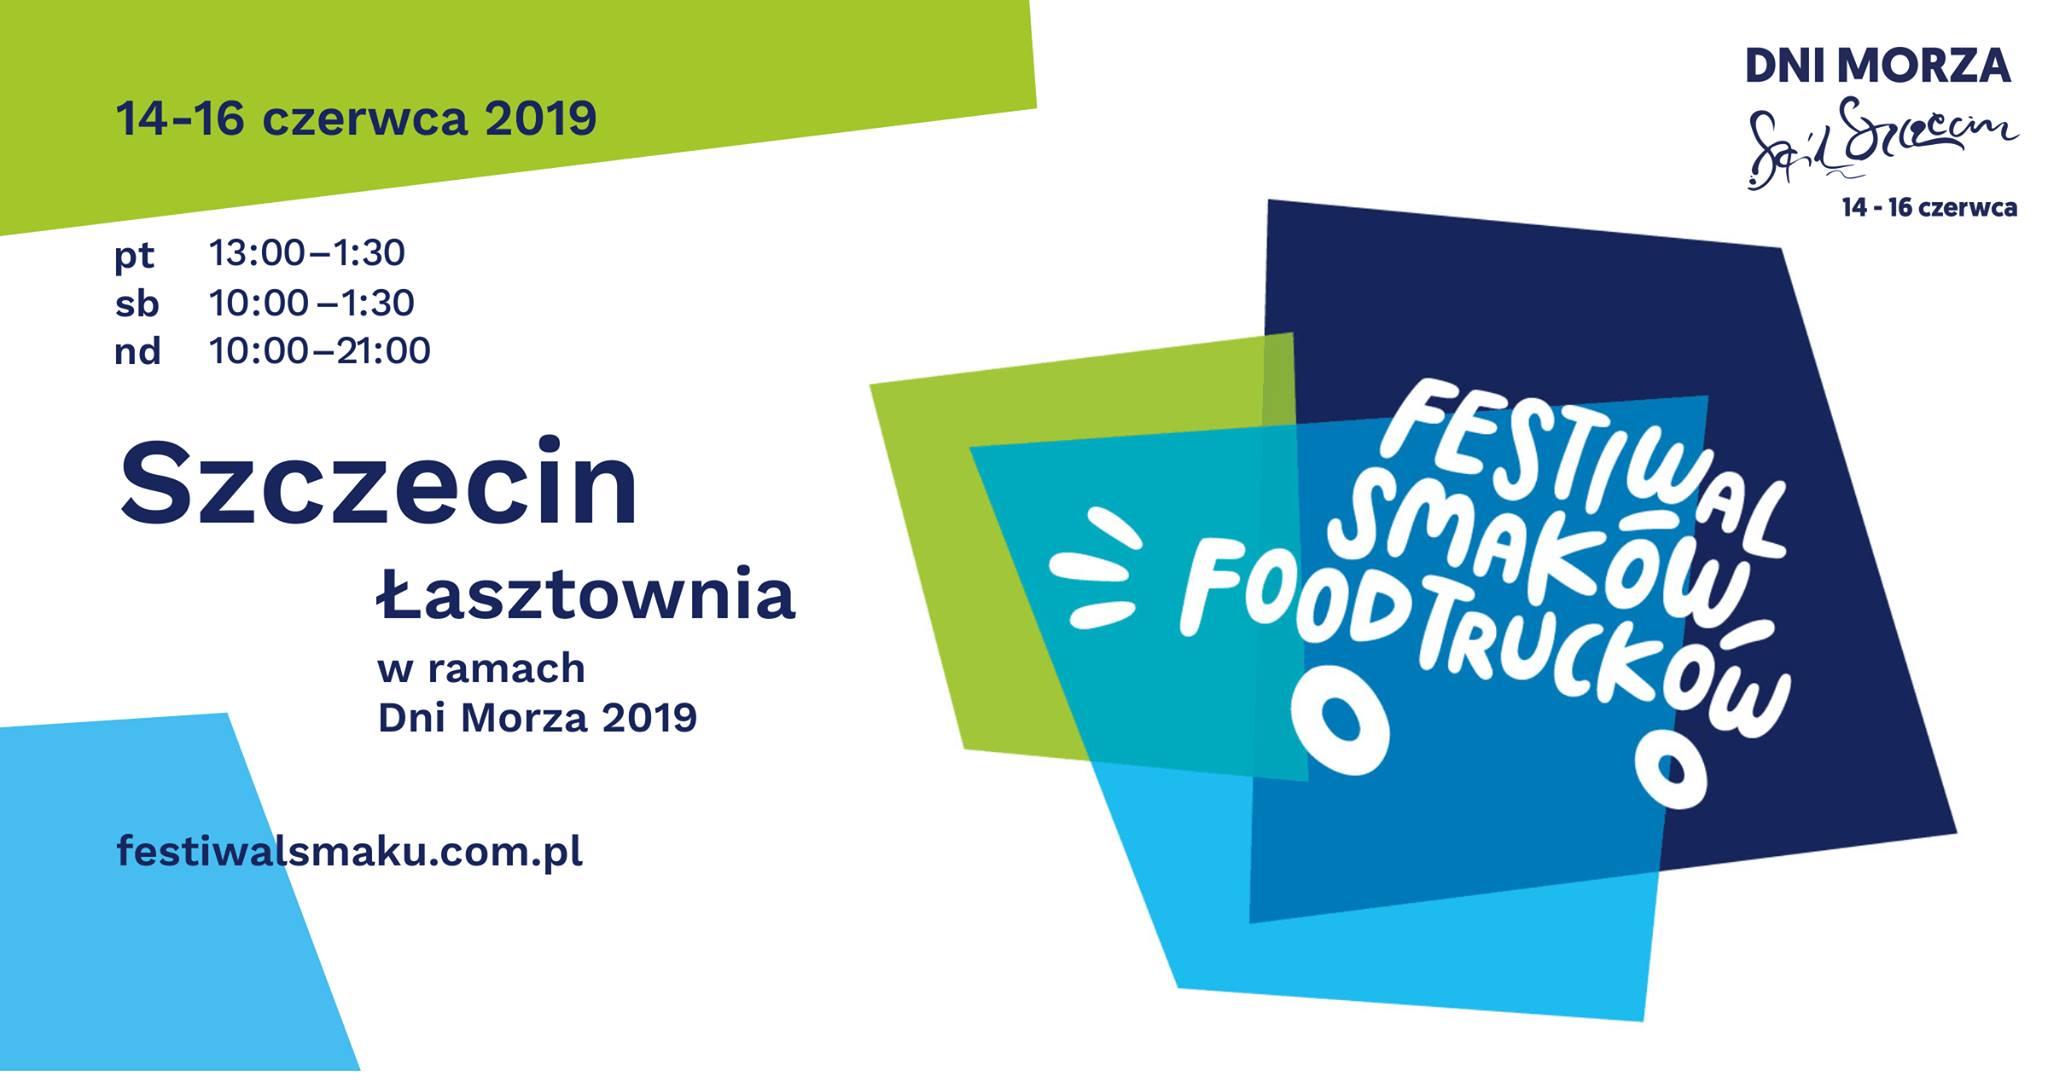 Festiwal Smaków Food Trucków w ramach Dni Morza